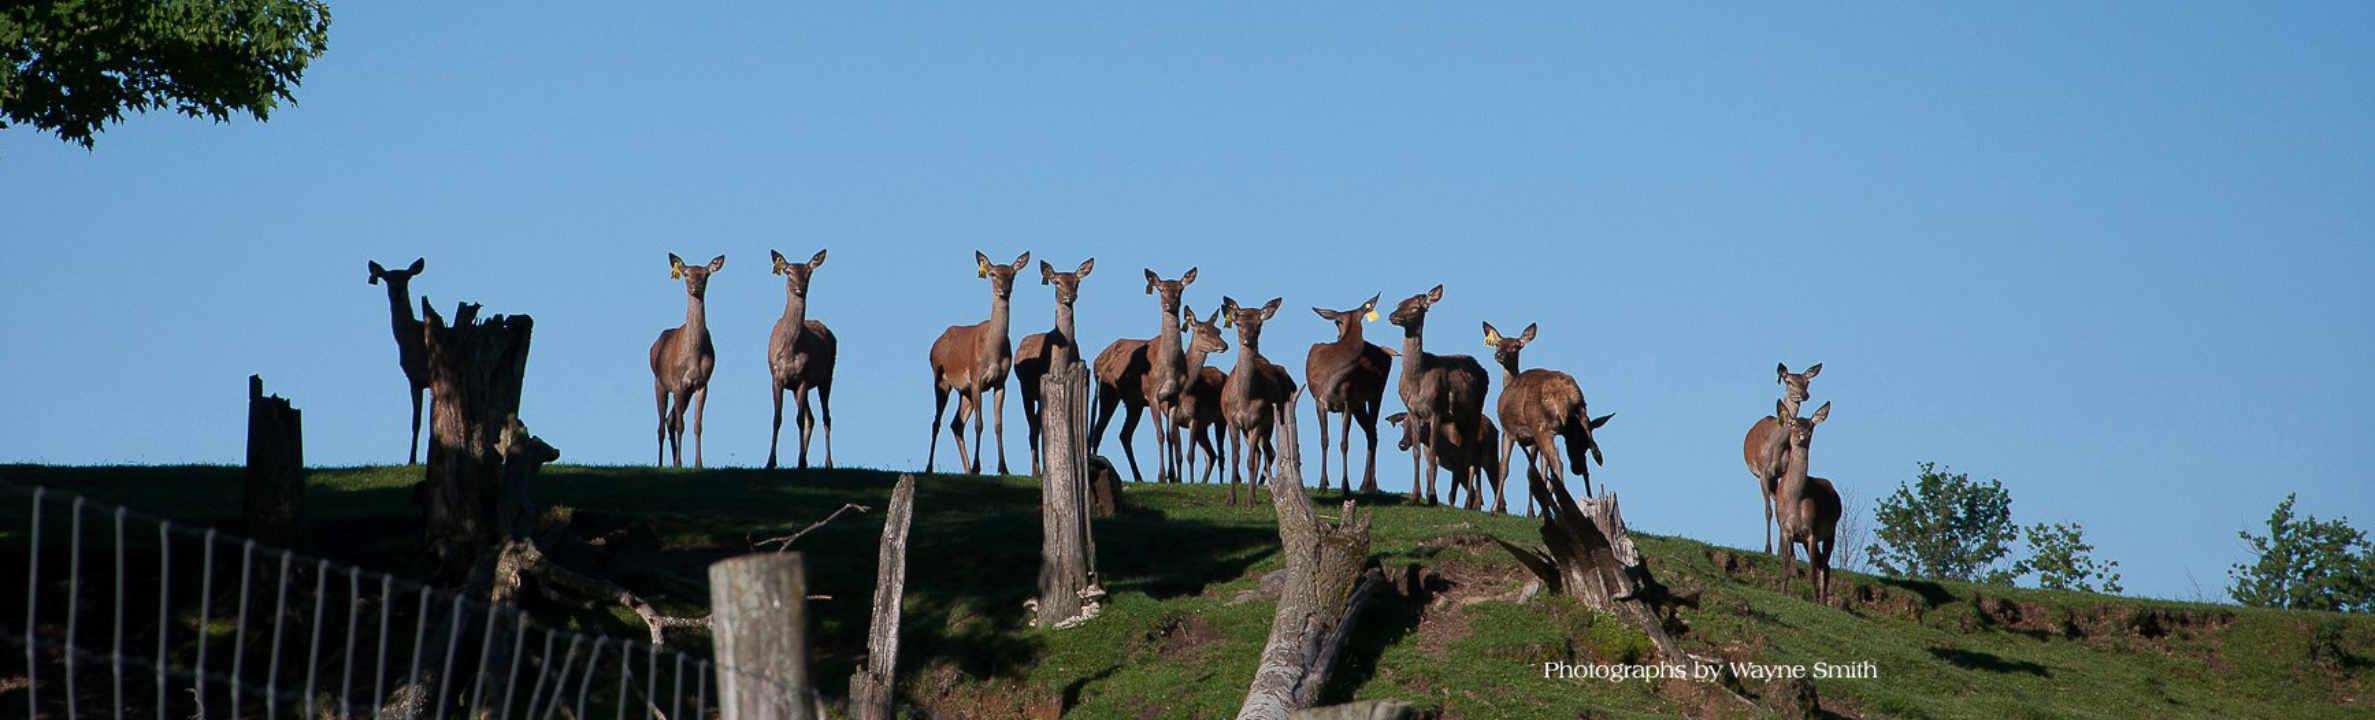 Vente de viande cerfs rouges Trillium Meadows Vankleek Hill Ontario Canada Ulocal produit local achat local